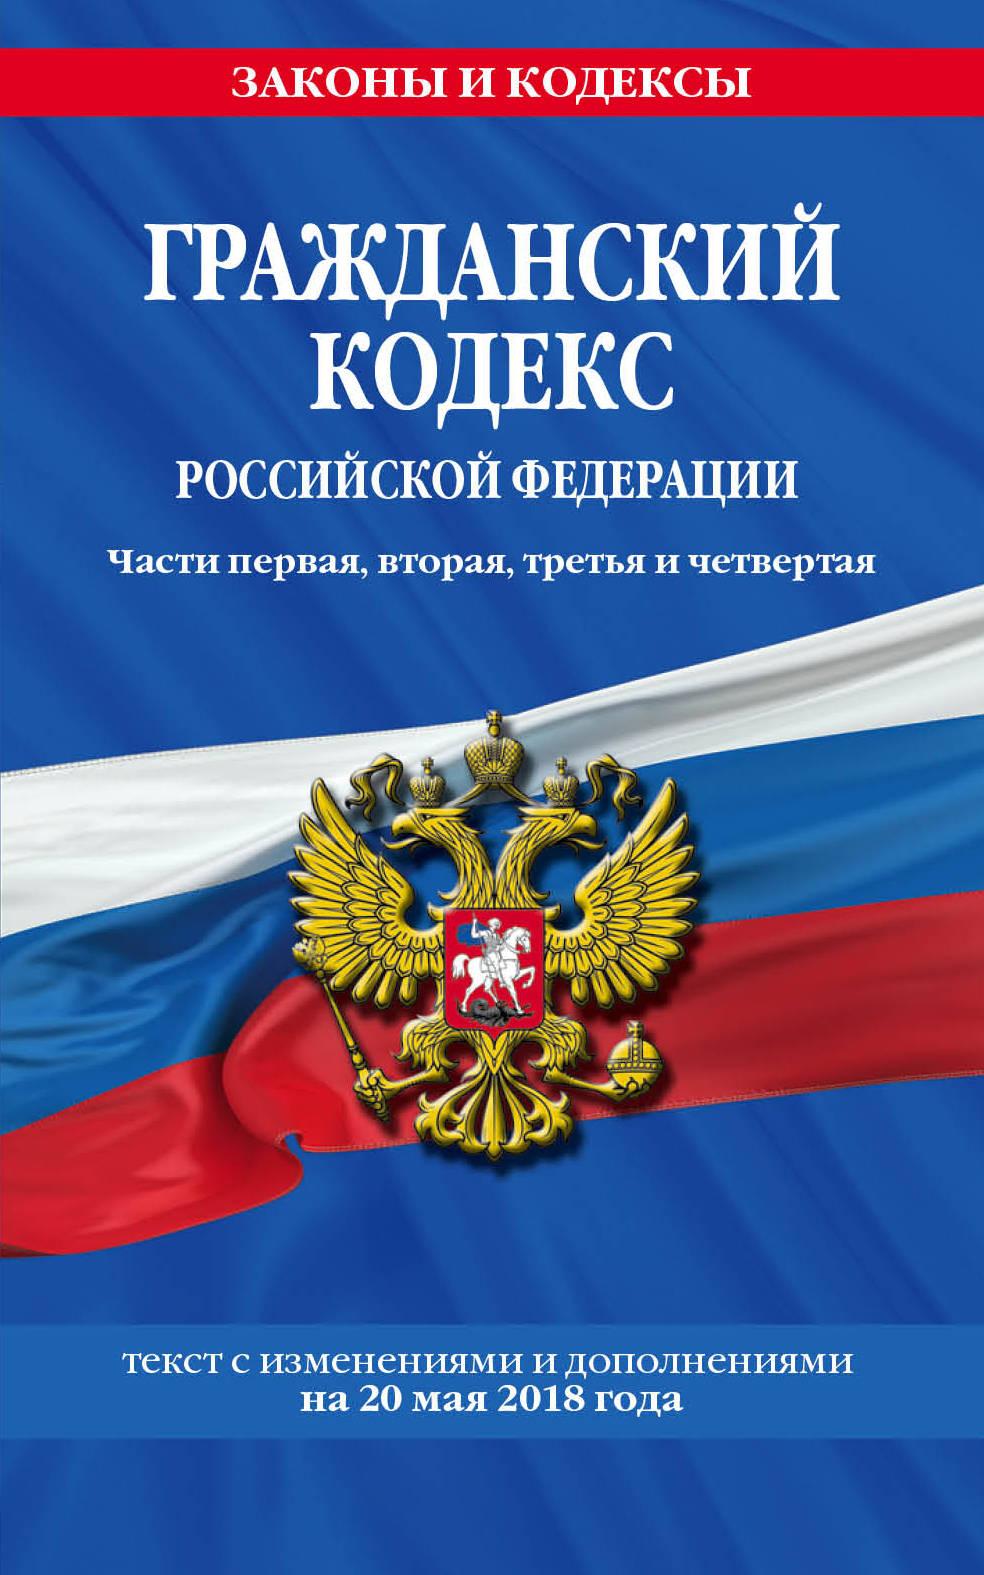 Гражданский кодекс Российской Федерации. Части первая, вторая, третья и четвертая: текст с изменениями и дополнениями на 20 мая 2018 года